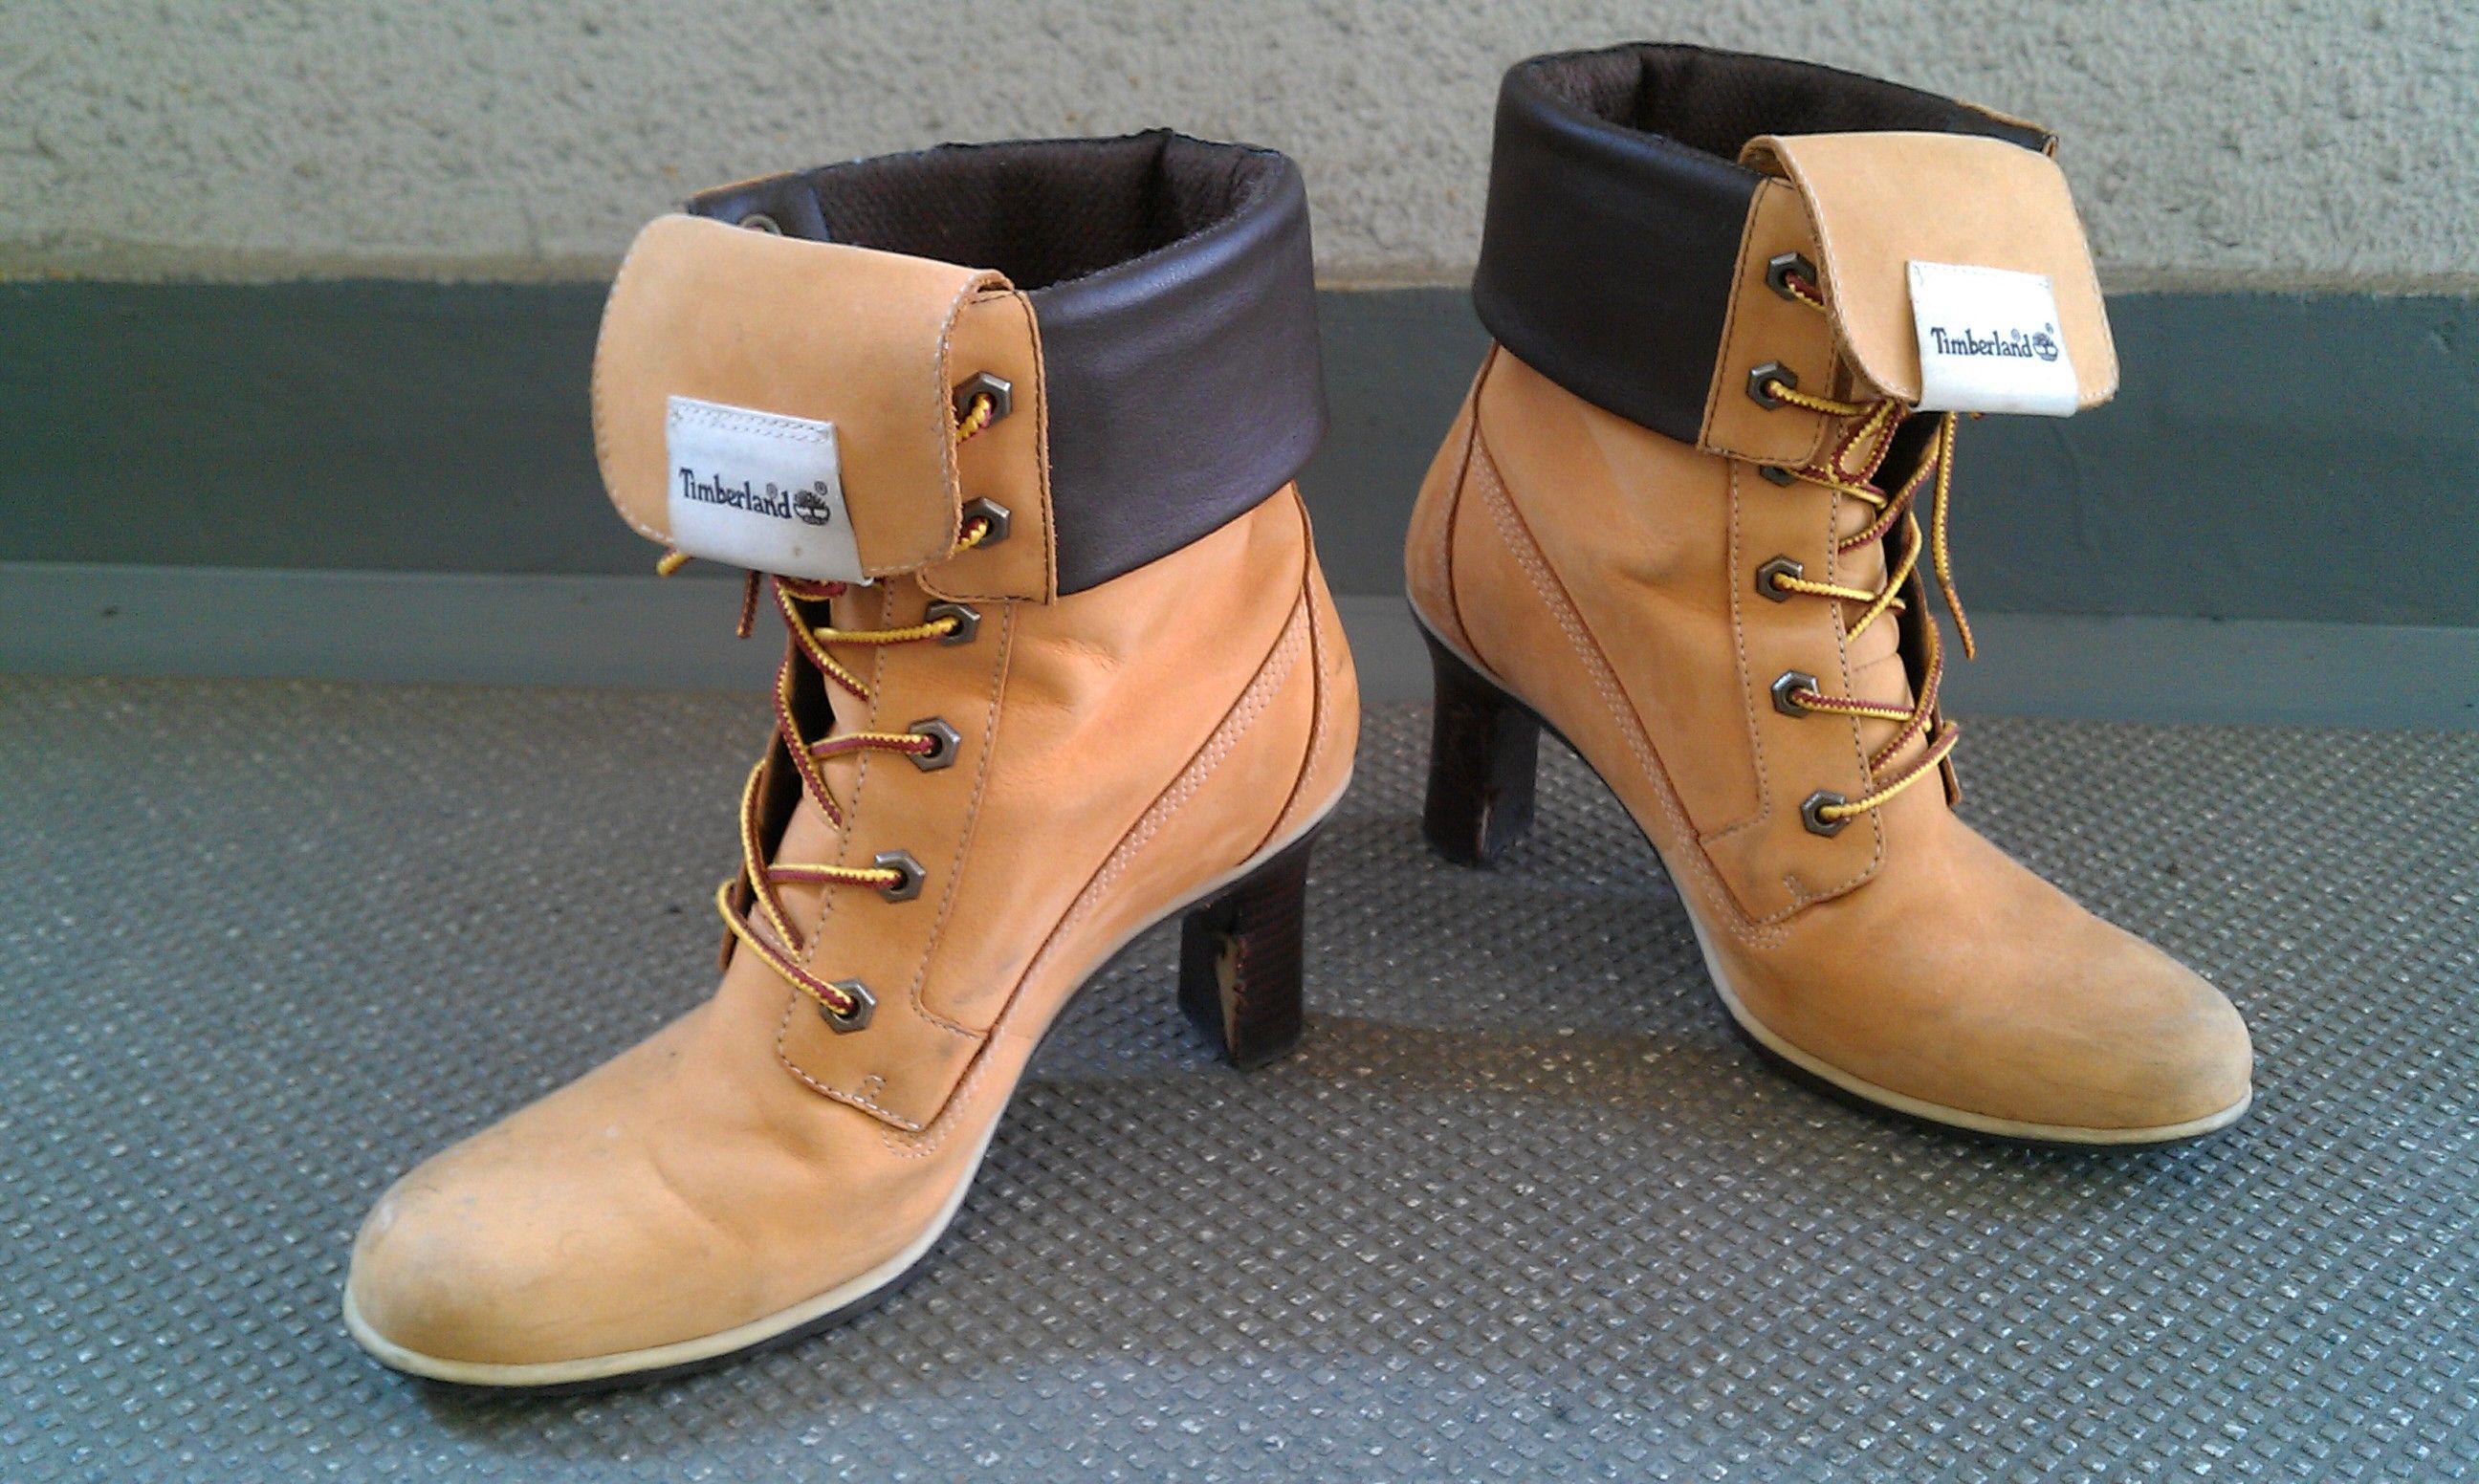 【済】Timberlandのブーツ。今はたぶん売ってないヒール付き。6・1/2、Mサイズです。ヒールの内側がはげてます。